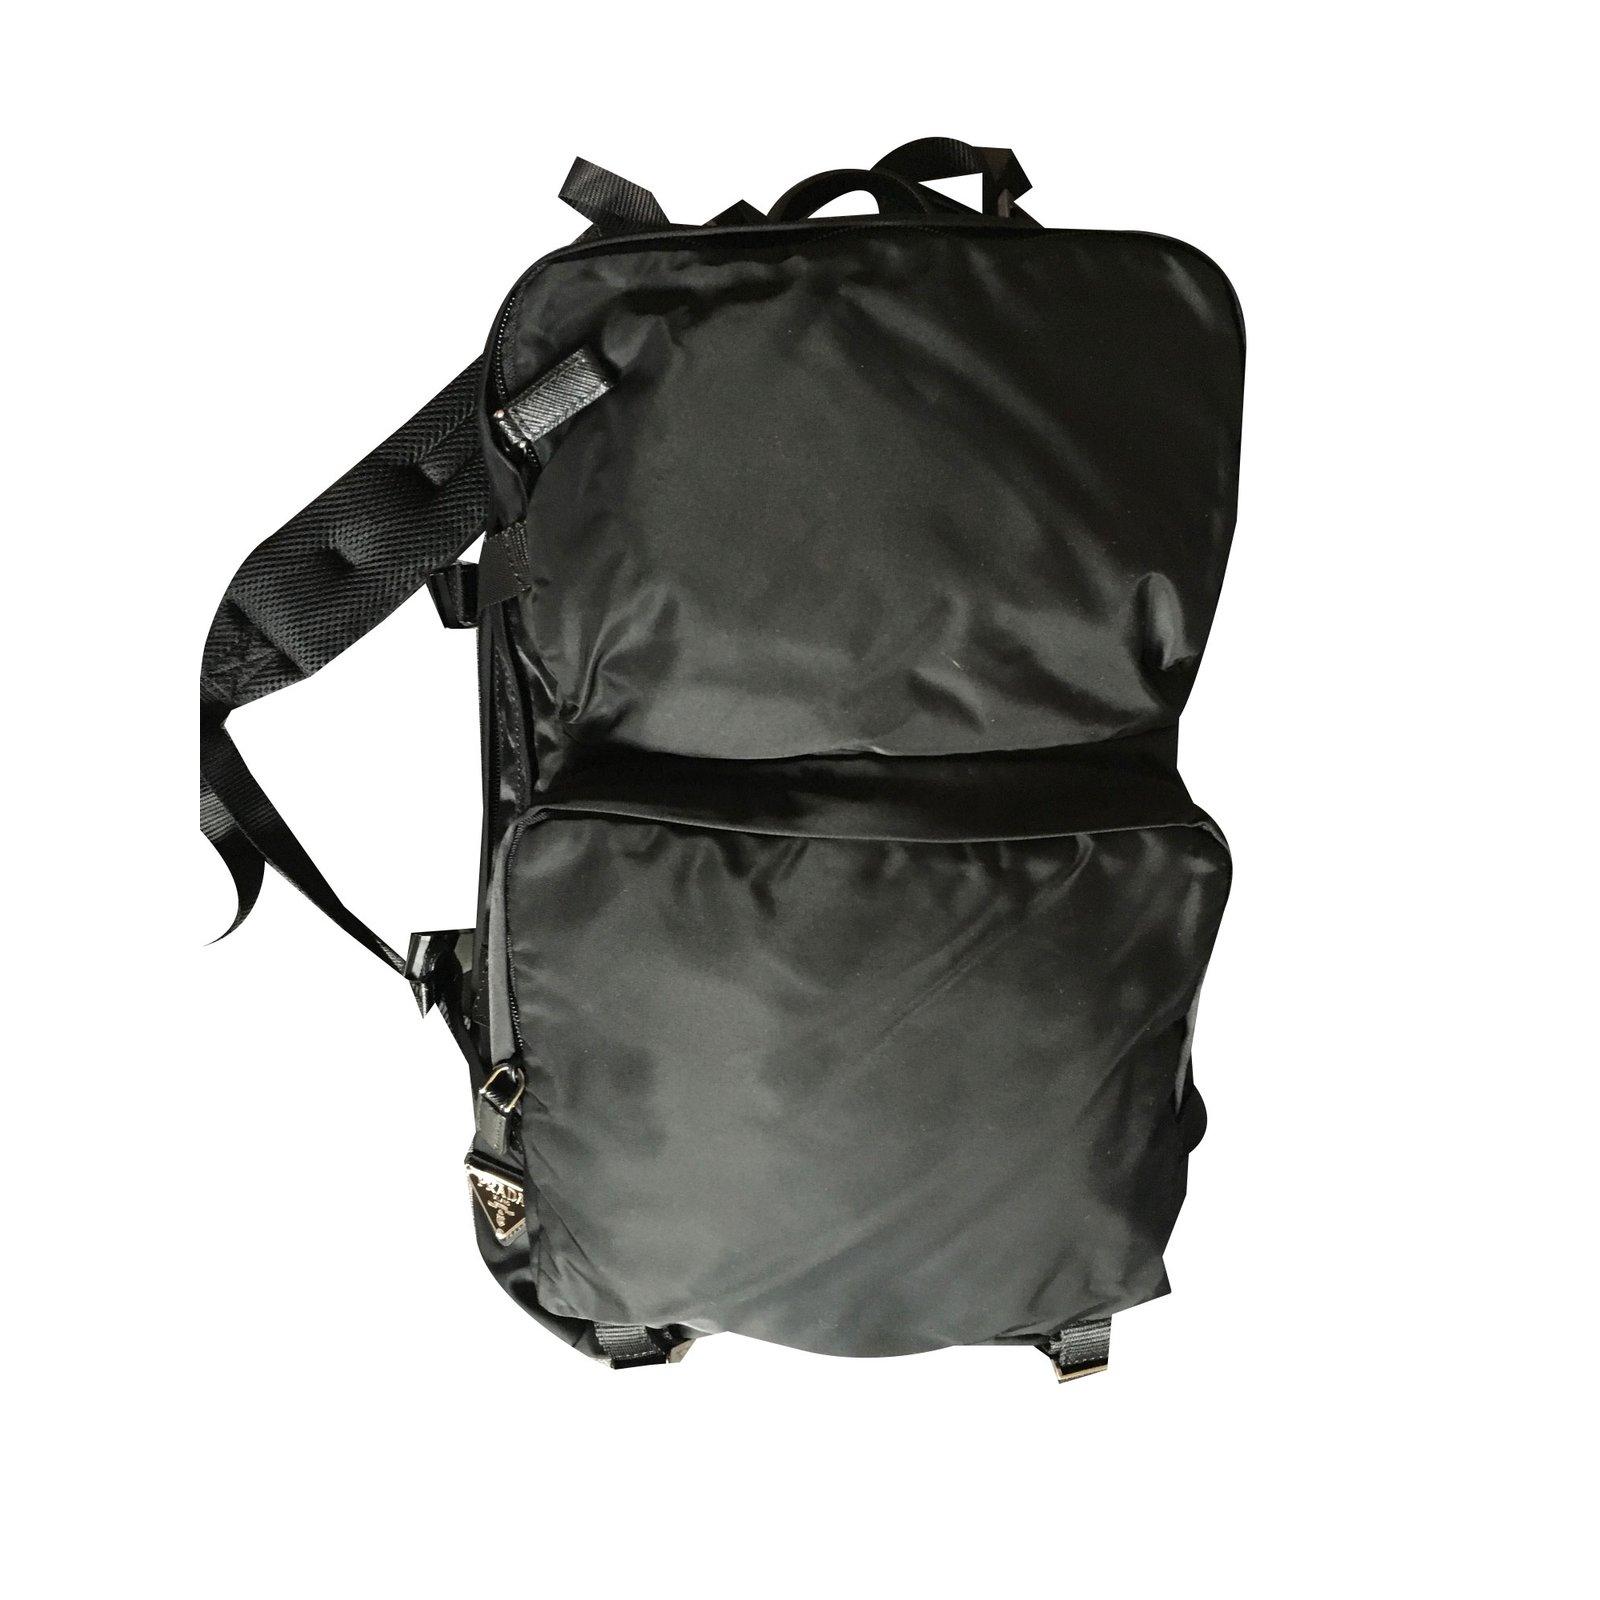 2706064c900c Prada Backpack Bags Briefcases Nylon Black ref.43965 - Joli Closet